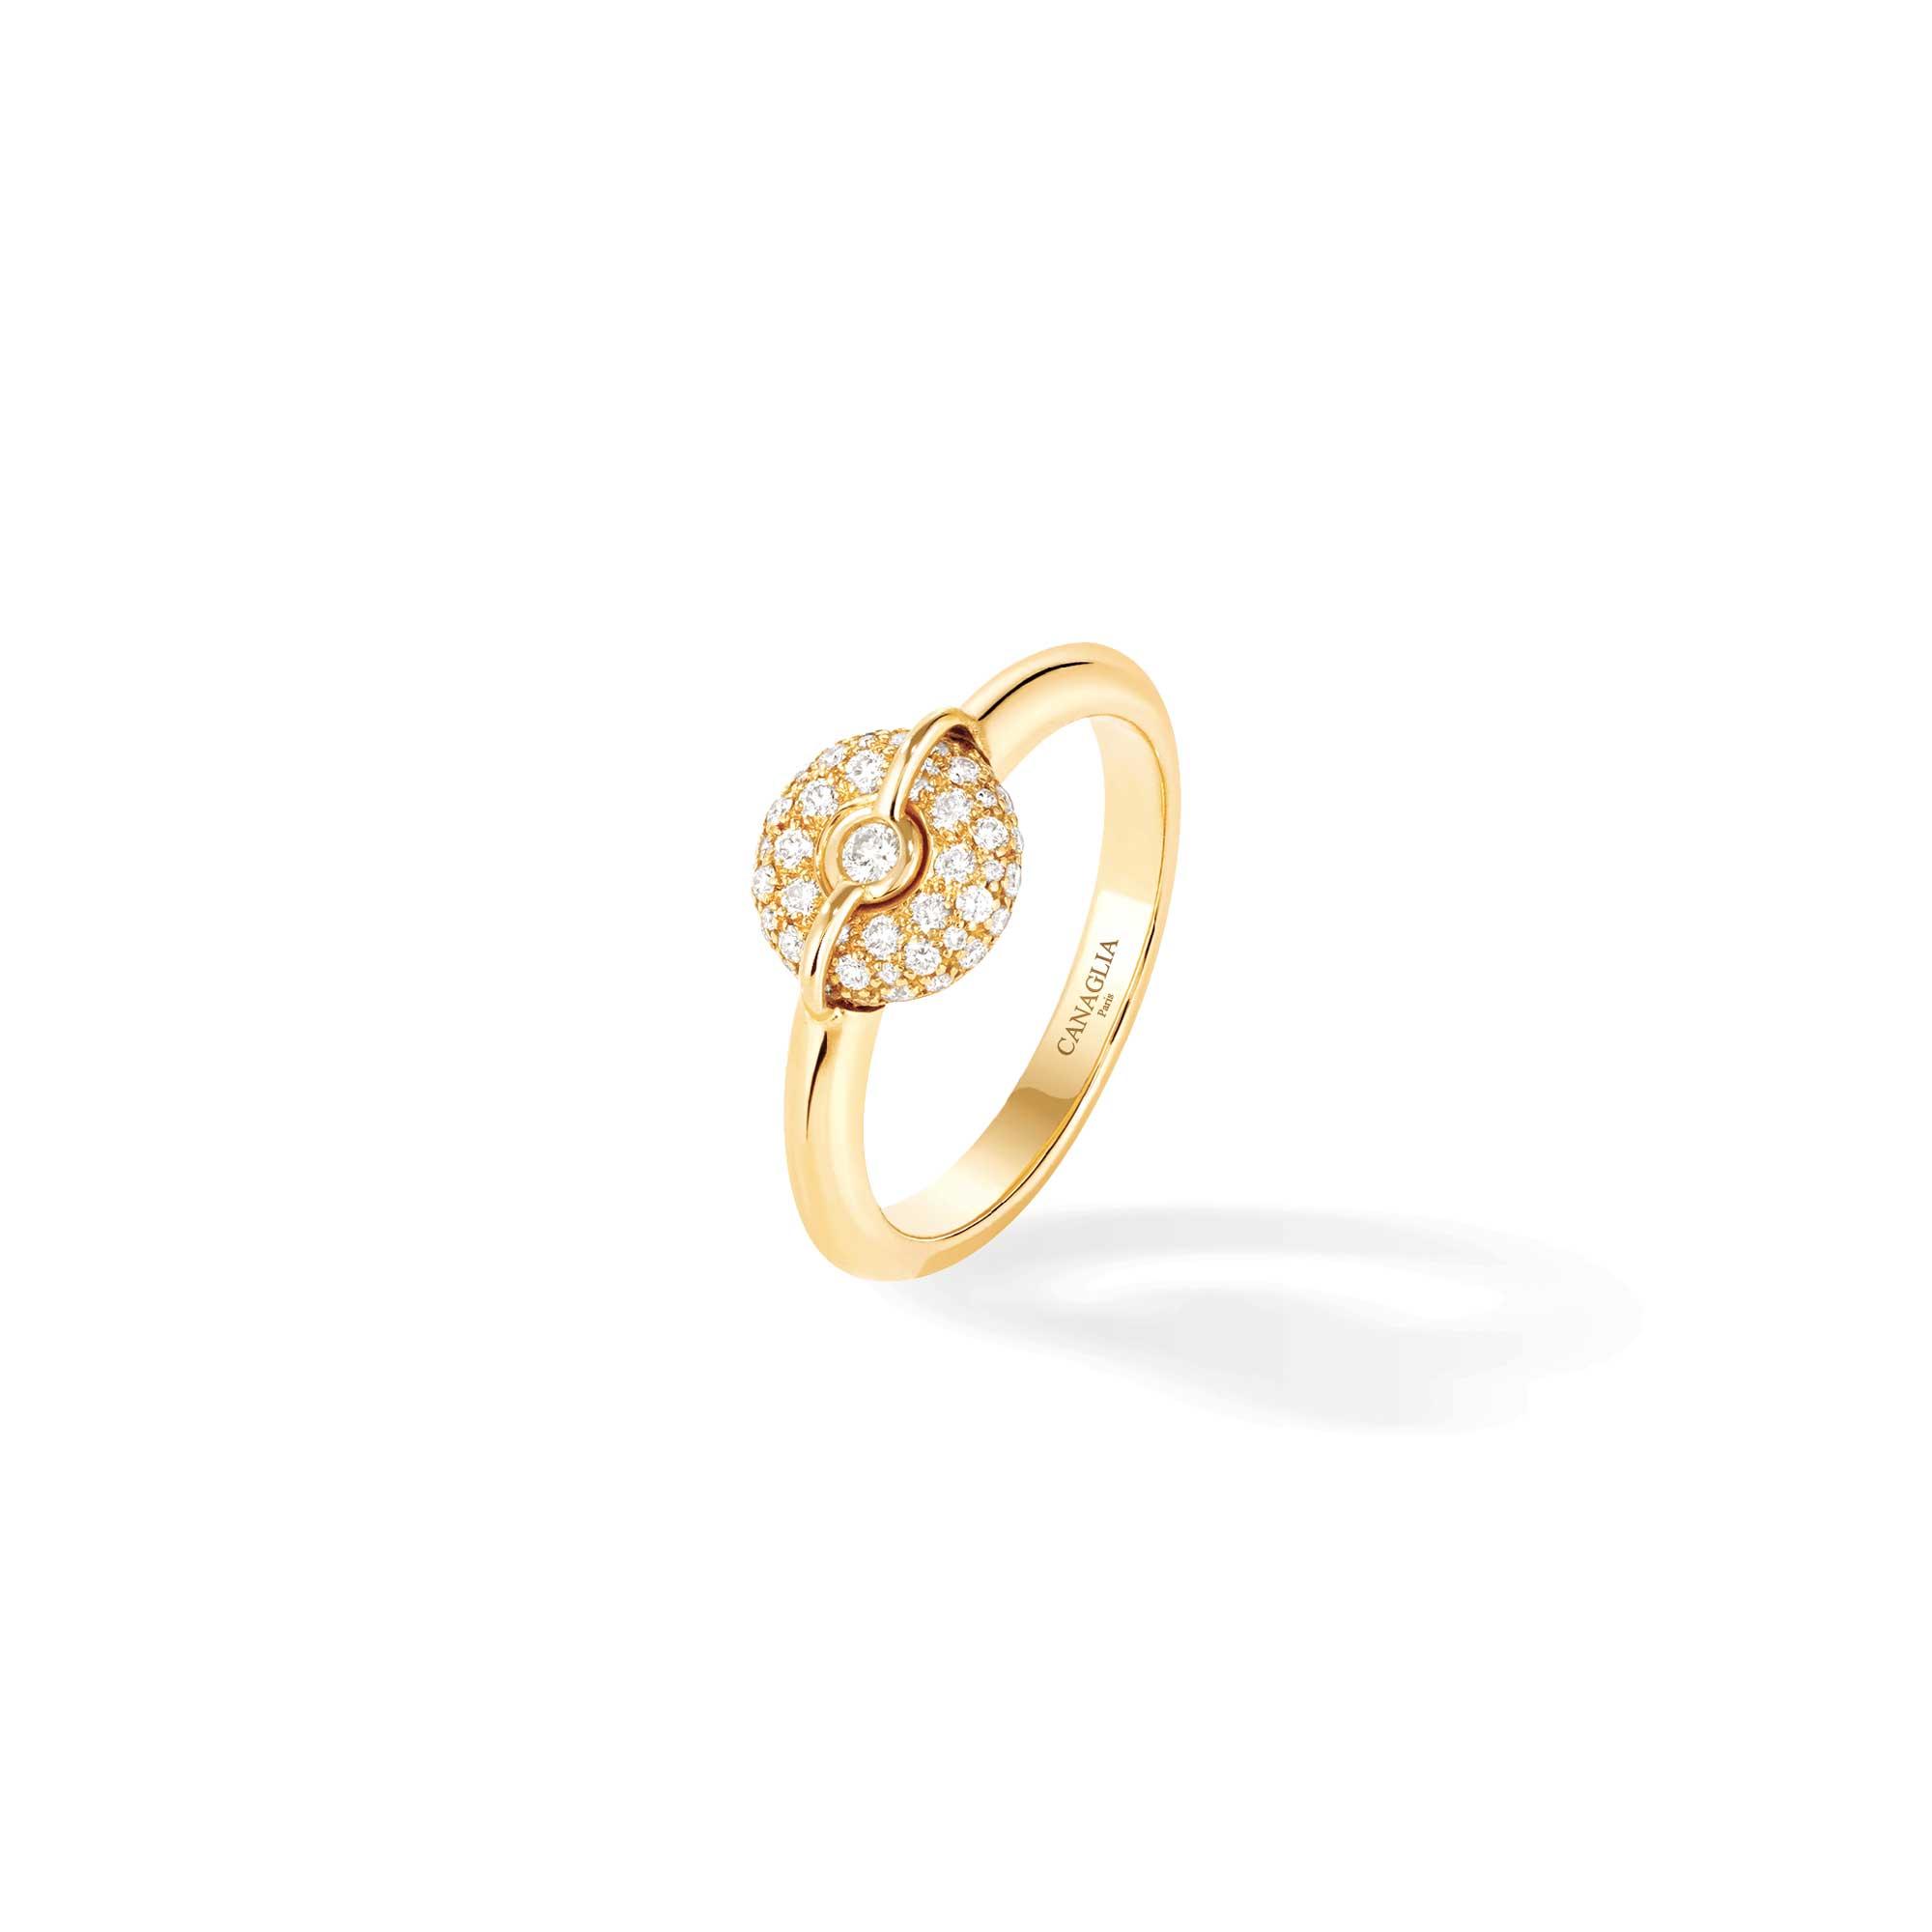 Bague jonc or jaune et diamants - Joaillerie Canaglia Paris-Milan